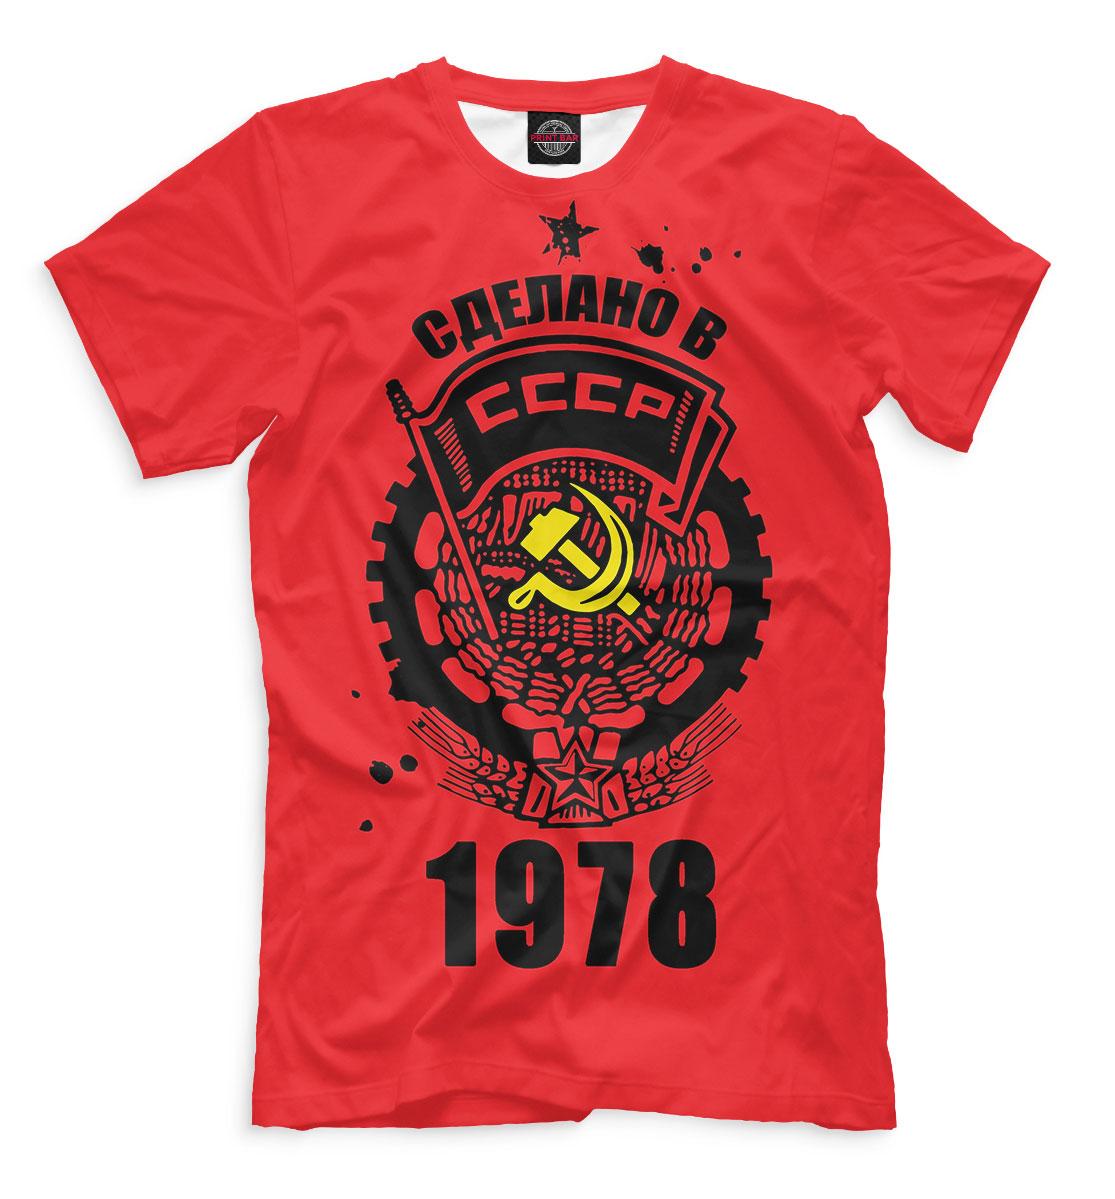 Купить Сделано в СССР — 1978, Printbar, Футболки, DSV-441928-fut-2